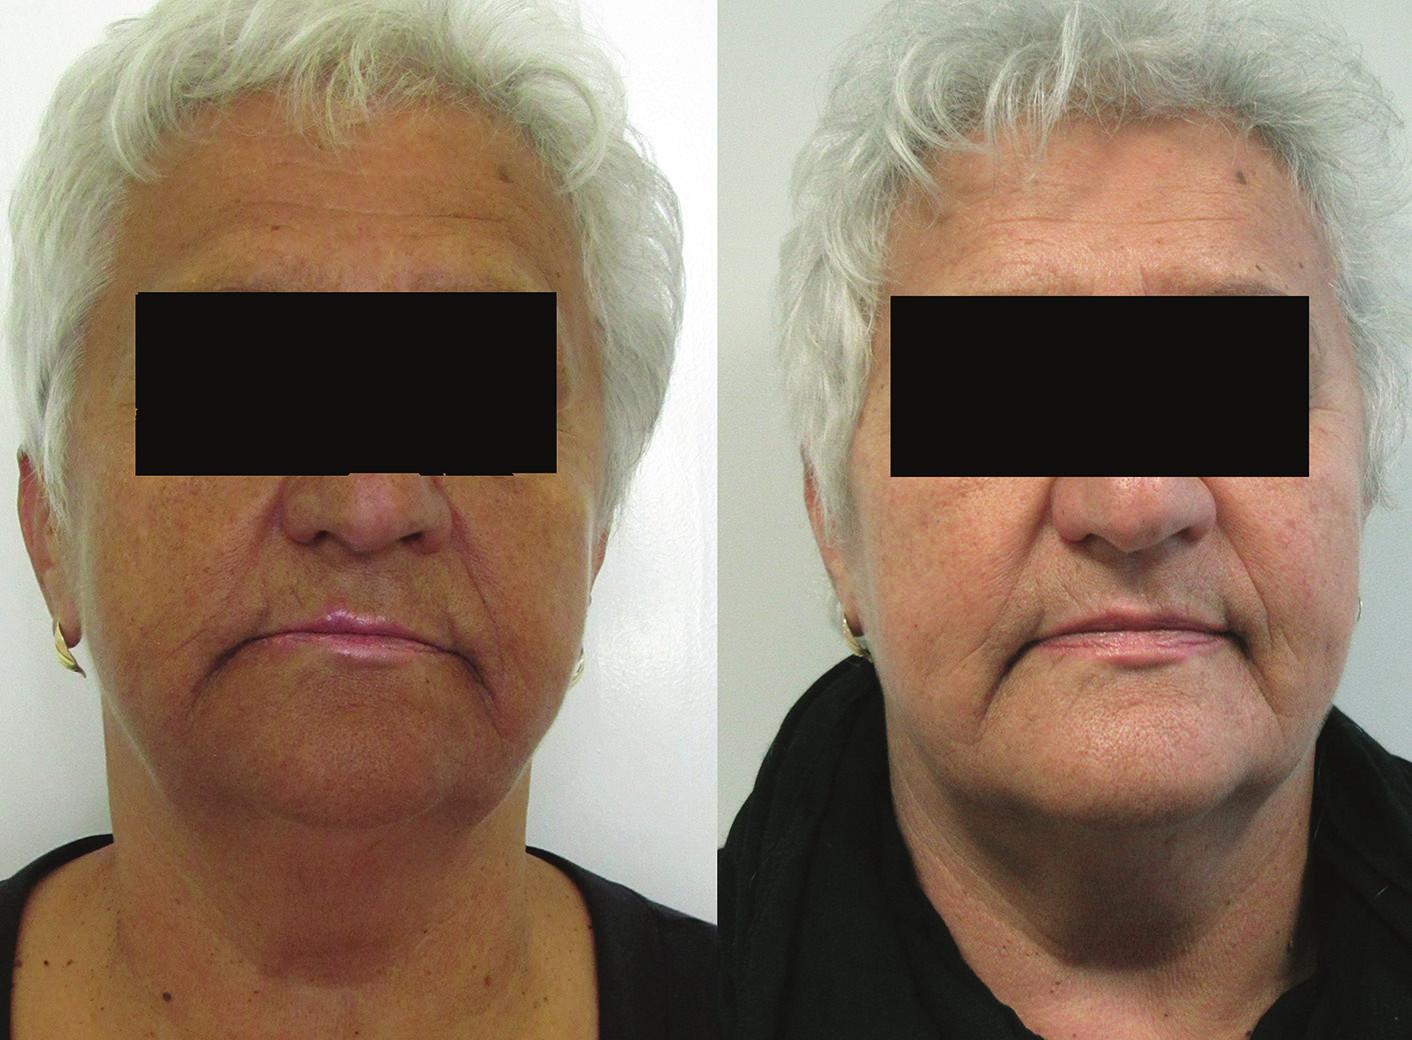 a, b. Před terapií (a) a po osmi měsících terapie (b)